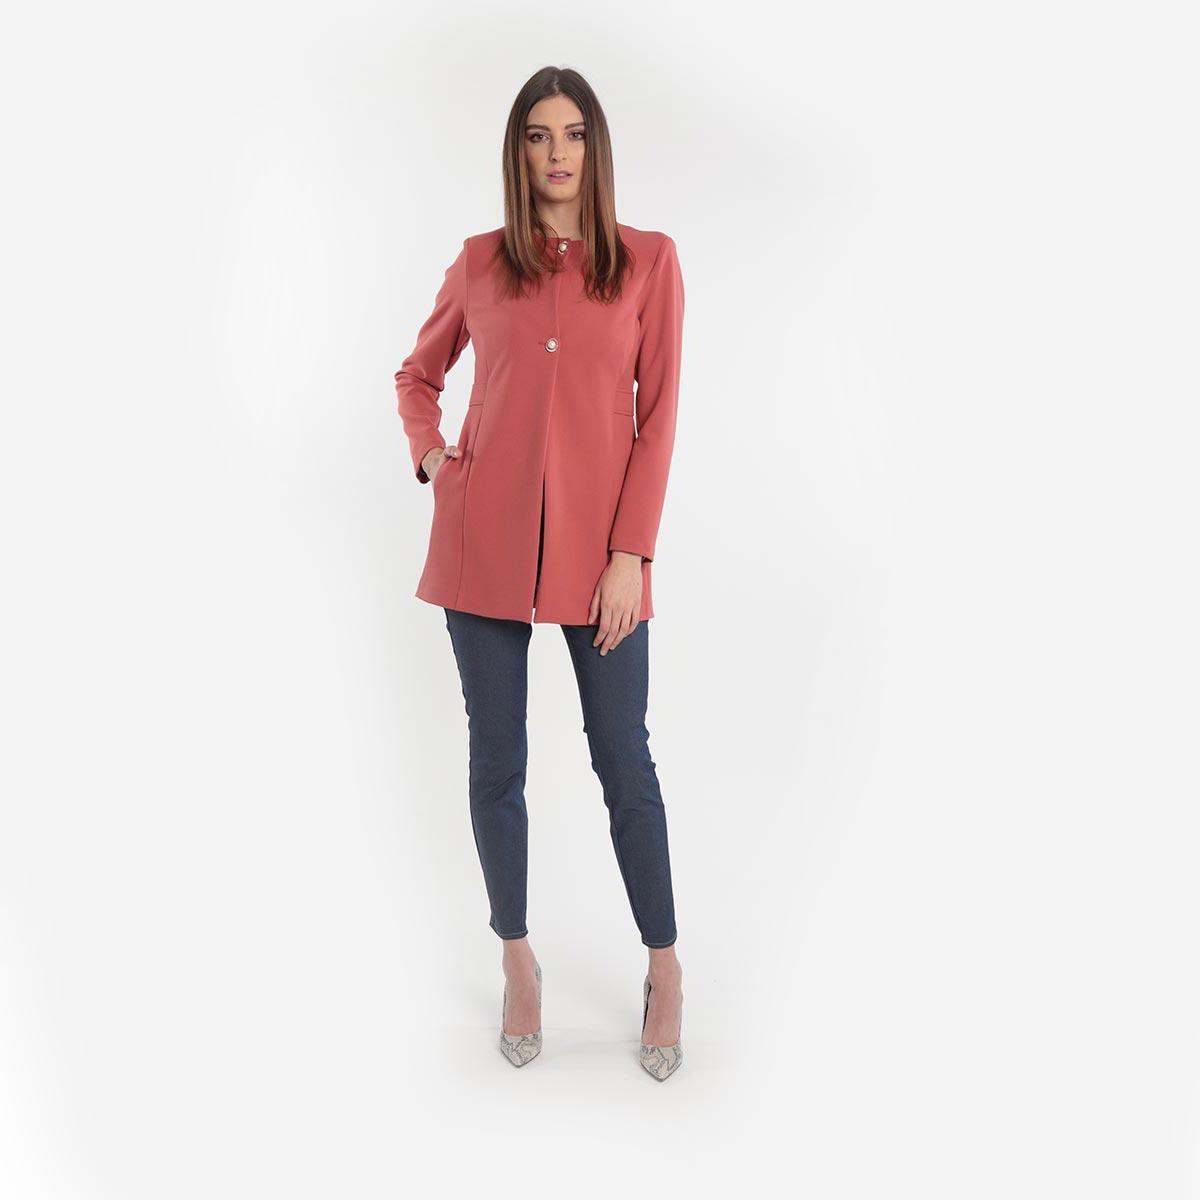 Giacca dalle linee pulite donna curvy primavera 2020 Meteore Fashion